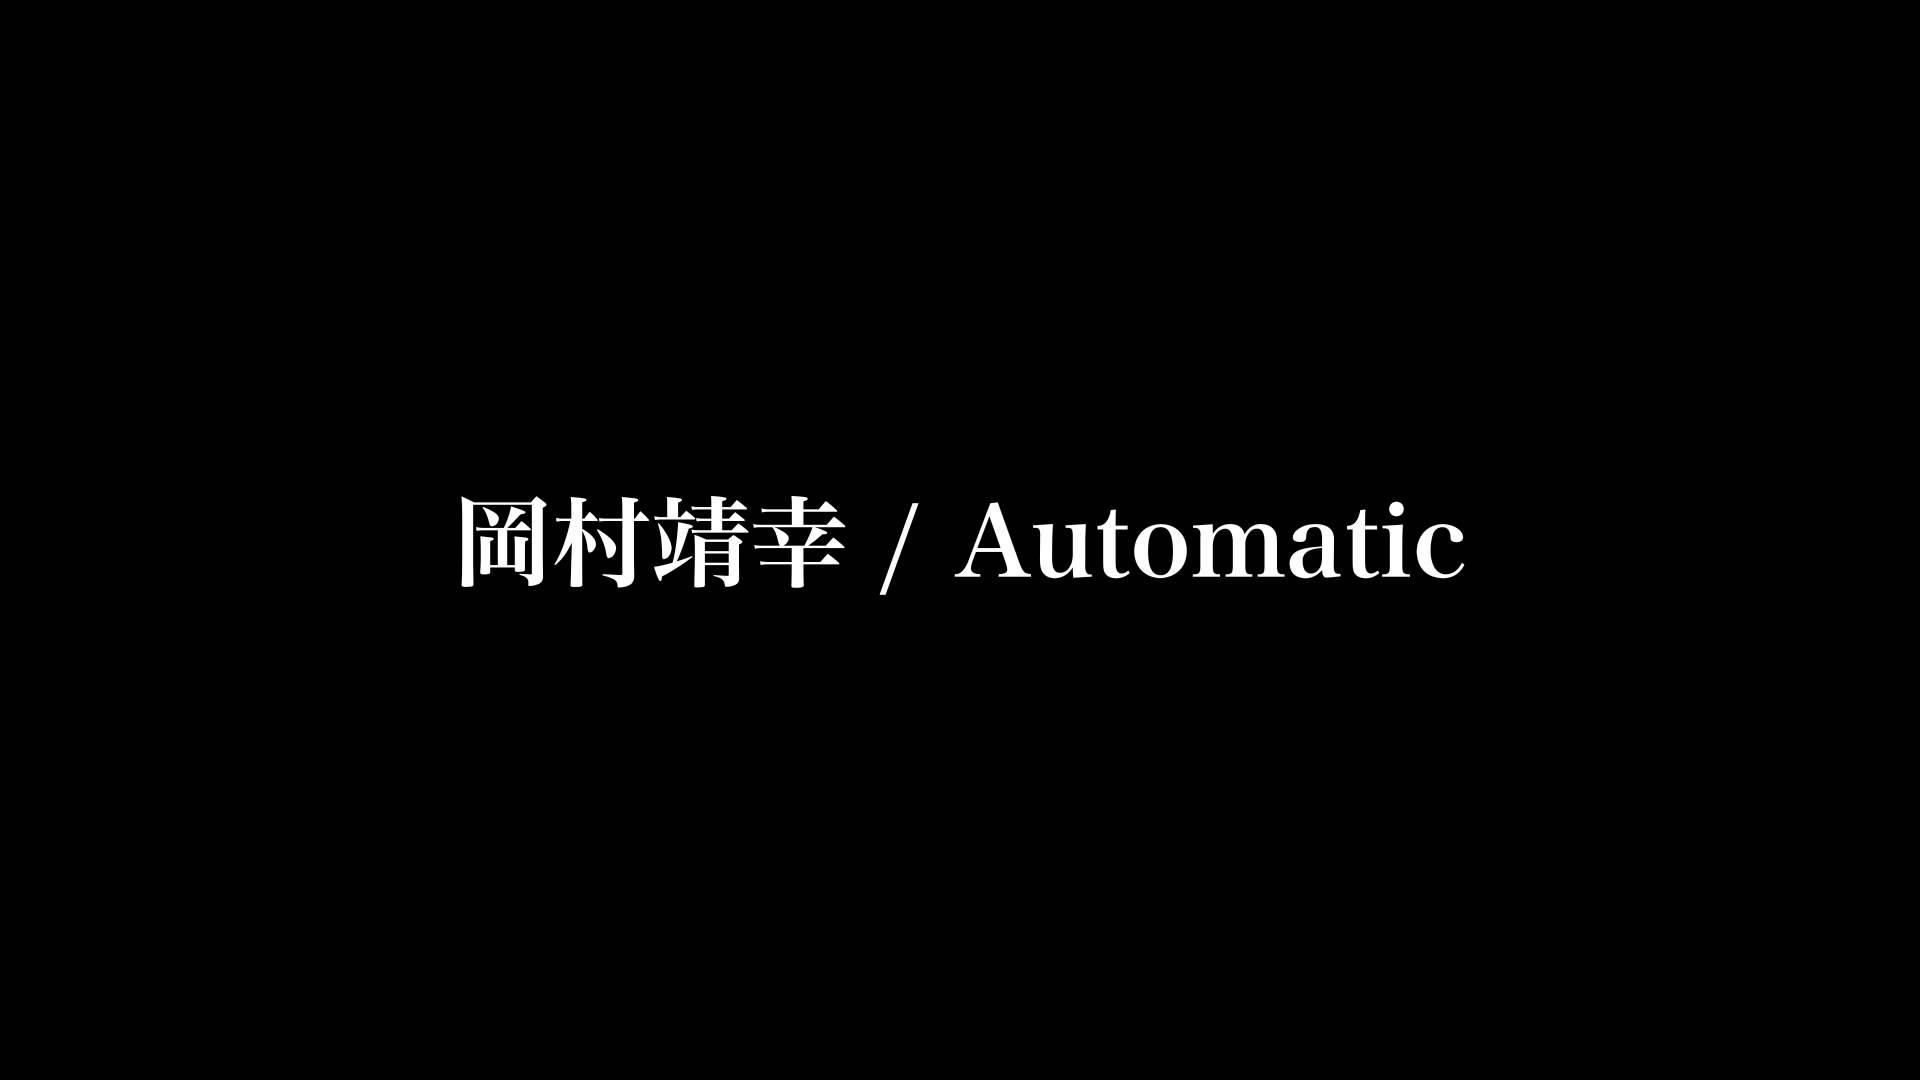 岡村靖幸 - Automatic (『宇多田ヒカルのうた』より) - YouTube